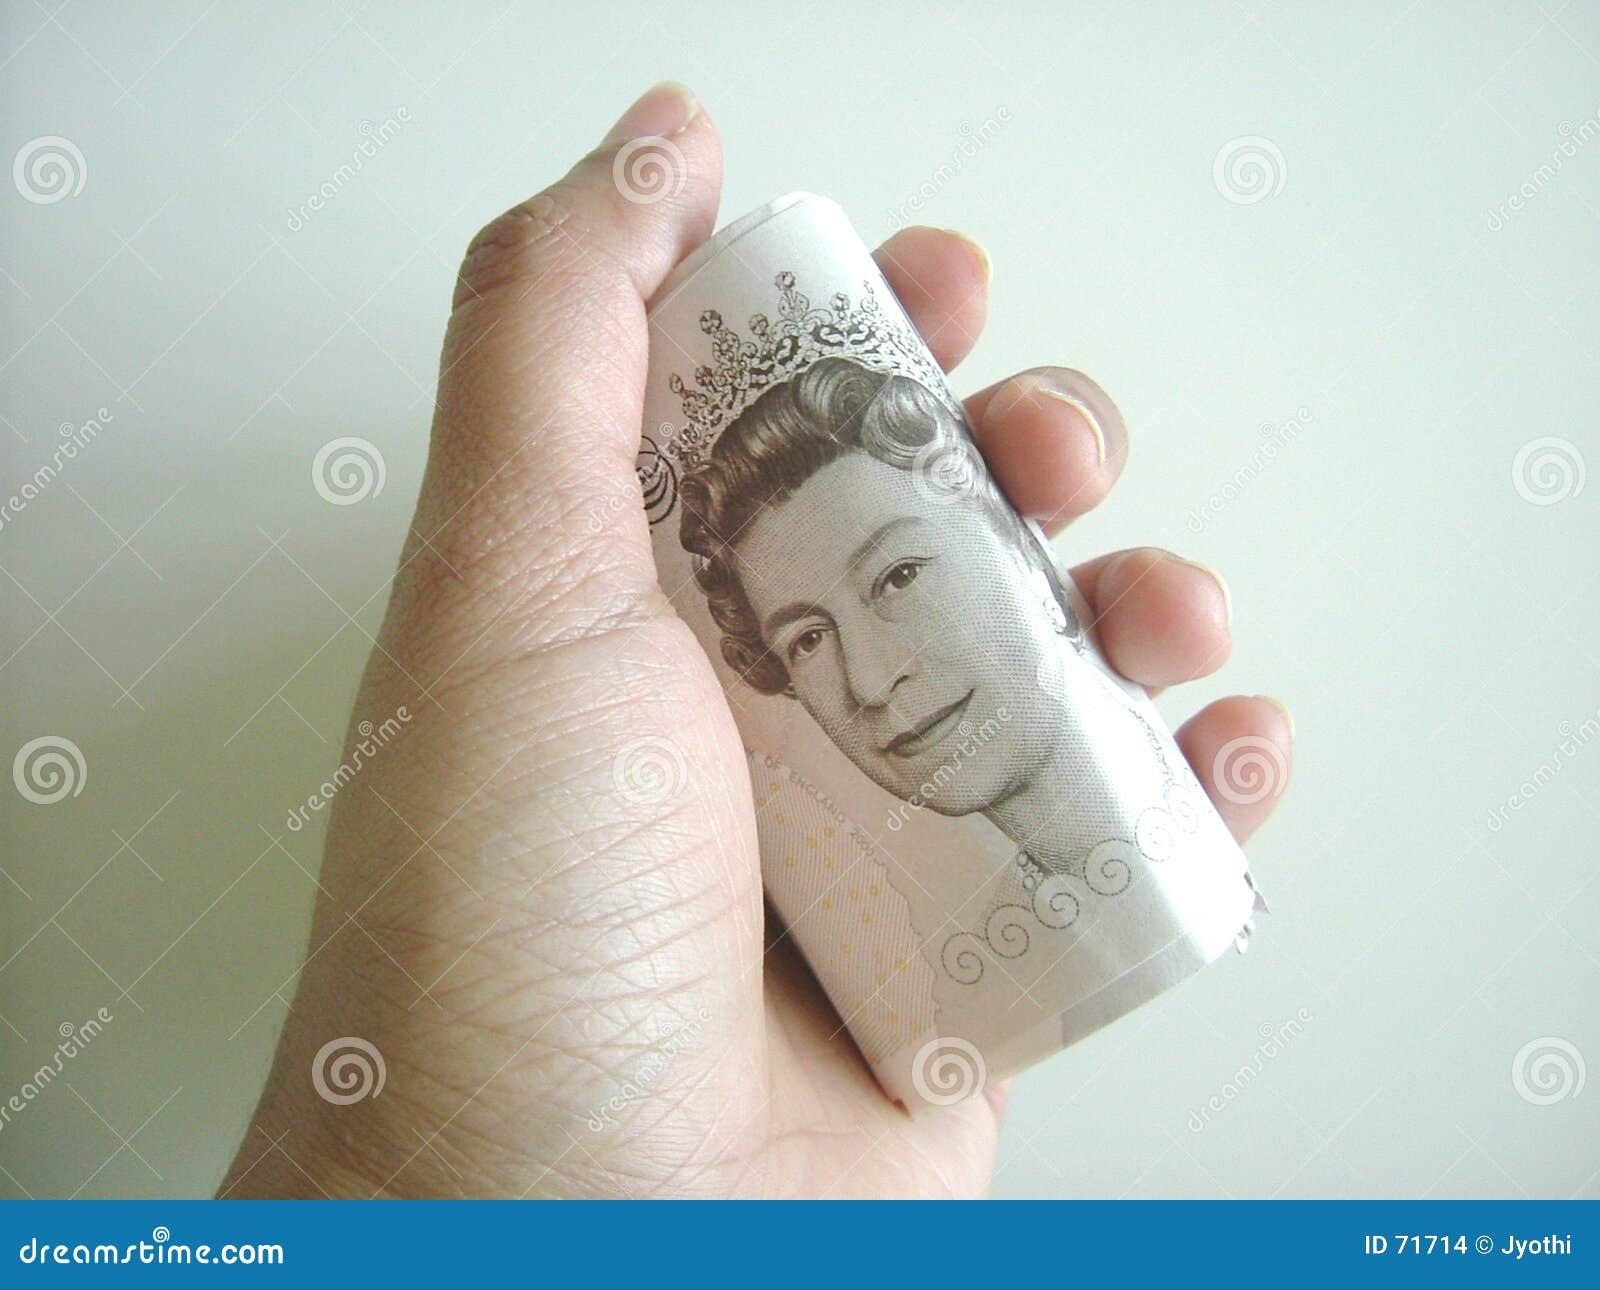 Rich royally